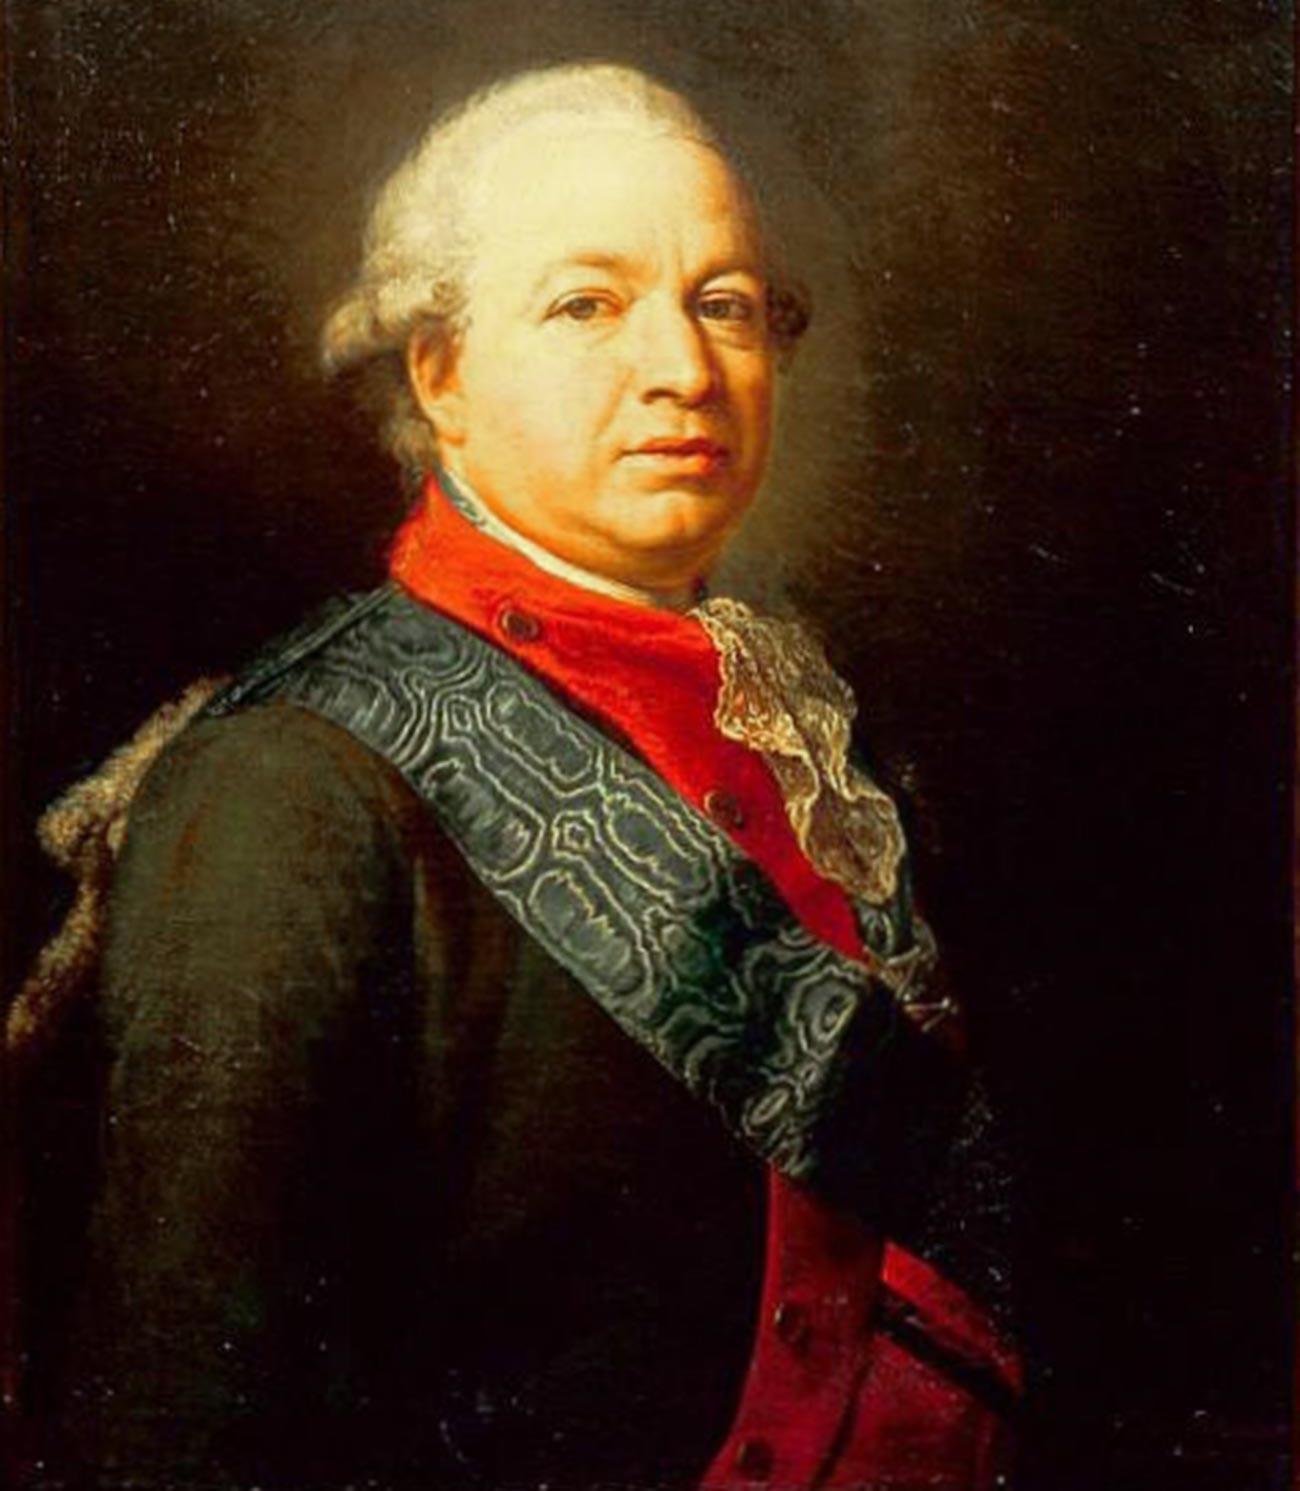 Сенатор, граф Джеймс Брус (1732 - 1791) от Помпео Батони